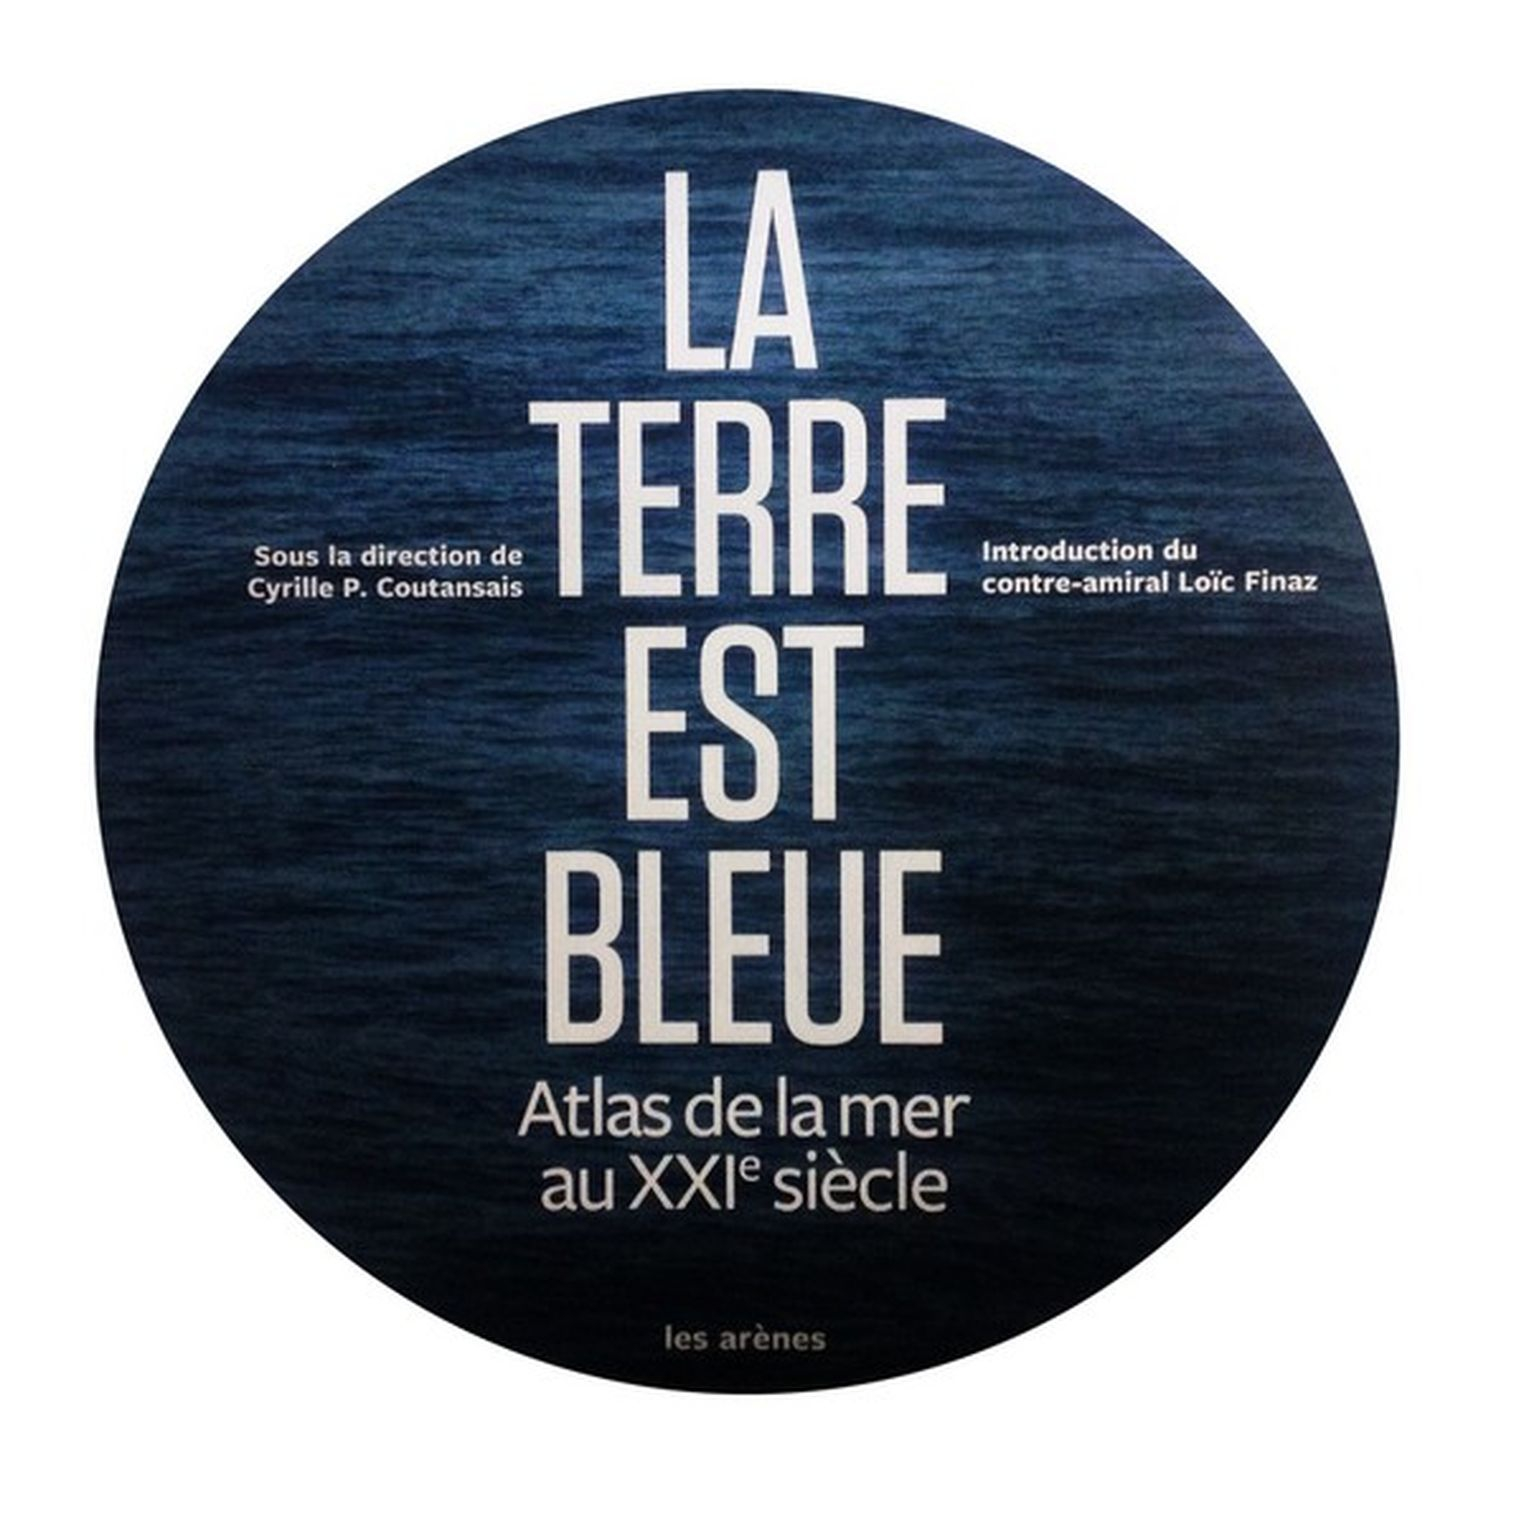 BK15 terre_bleue.JPG